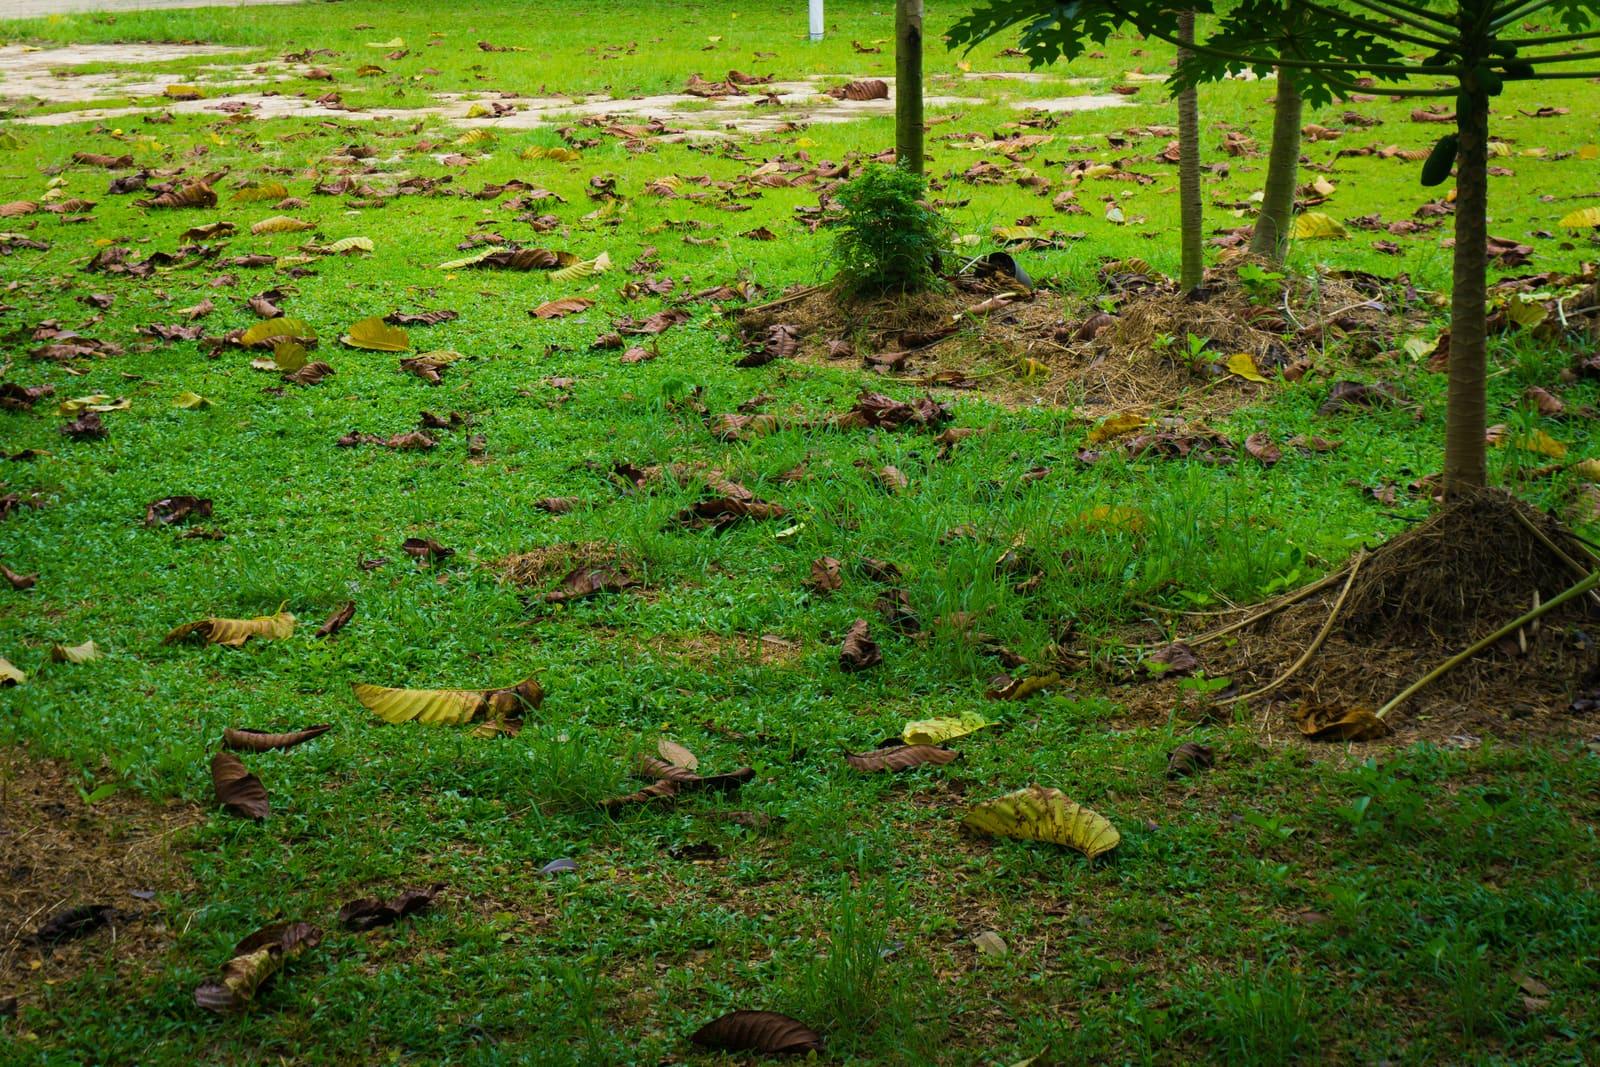 Nettoyage - Nid'Dom en fini avec les mauvaises herbes